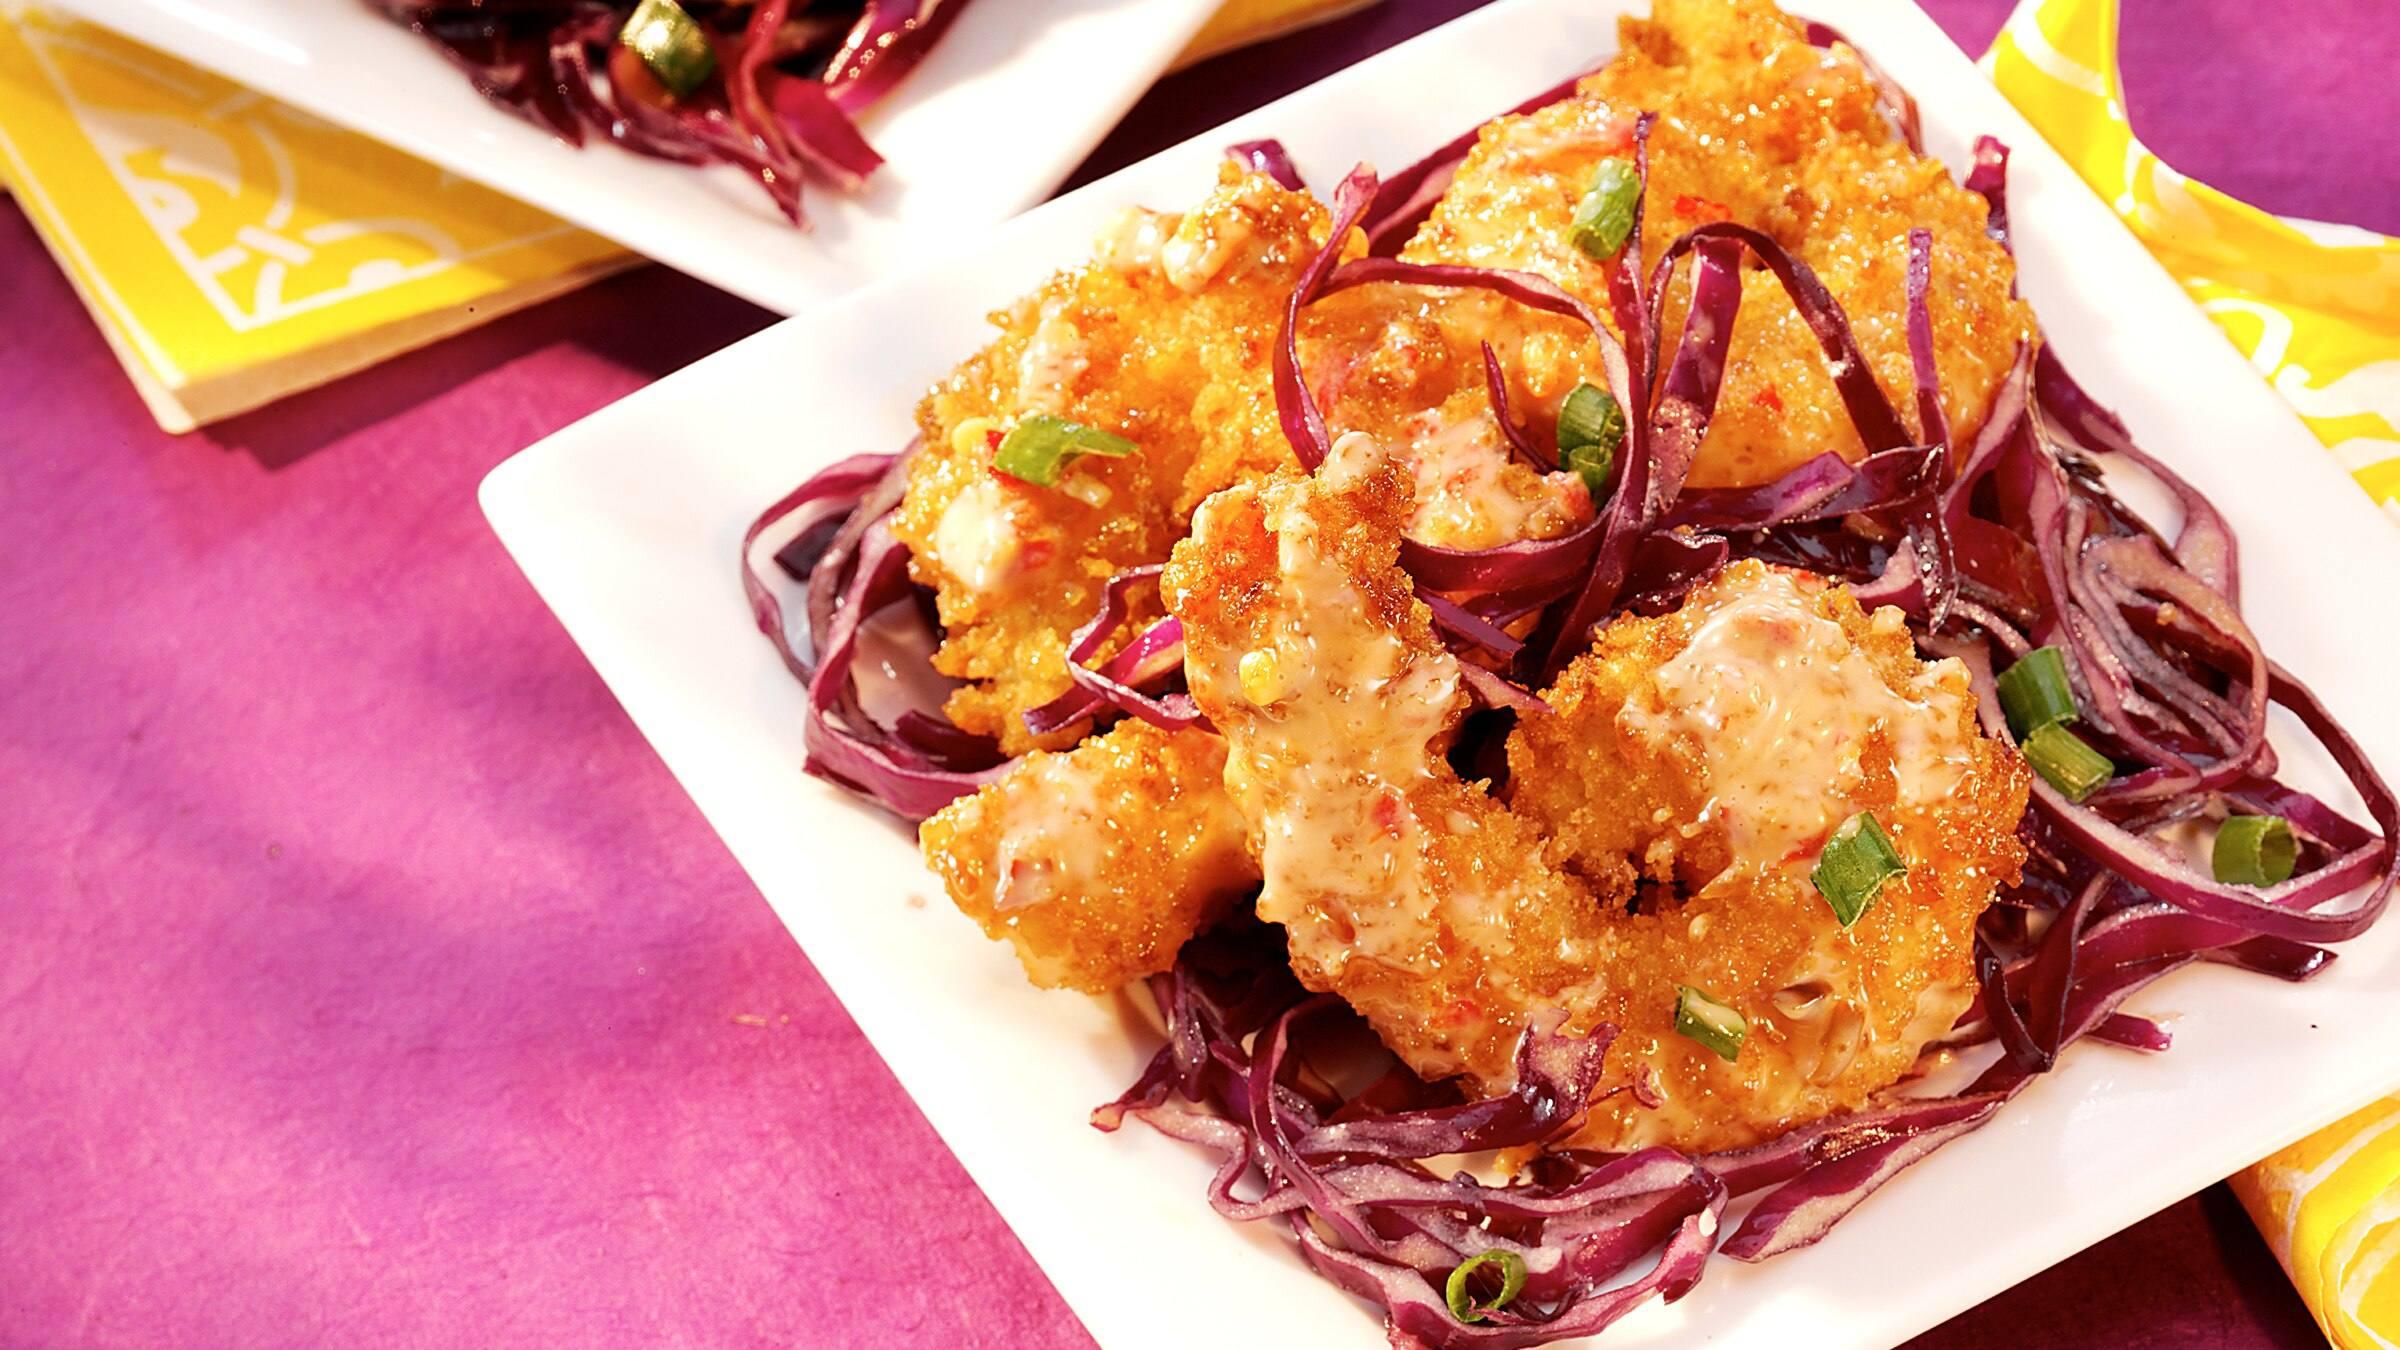 Bangin' Shrimp with Asian Slaw Recipe